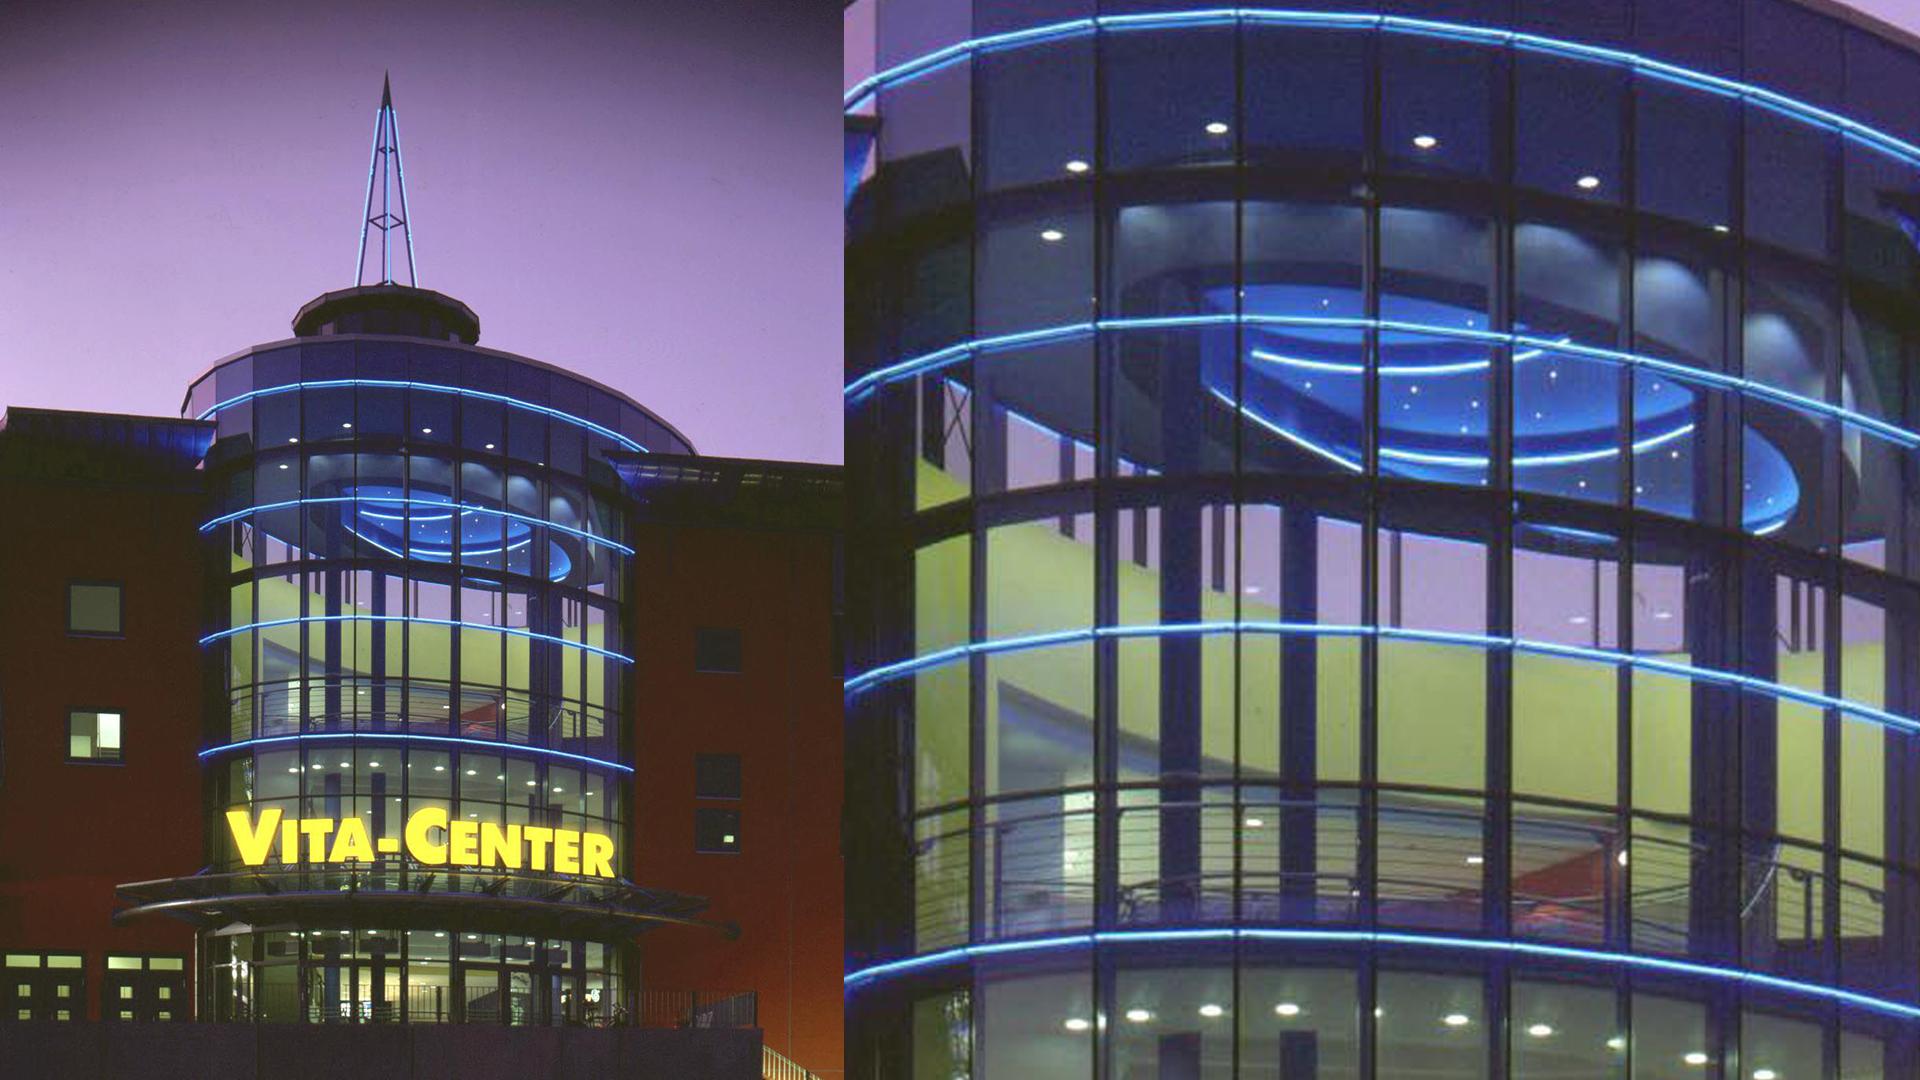 Vita-Center, Chemnitz